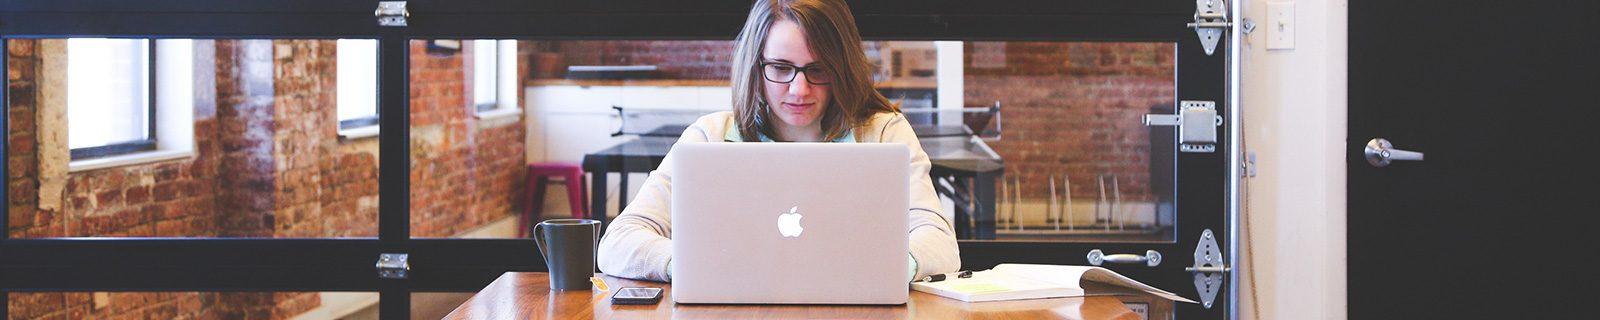 Hintergrundbild Studentin am Apple – Fachbereich Erziehungswissenschaften